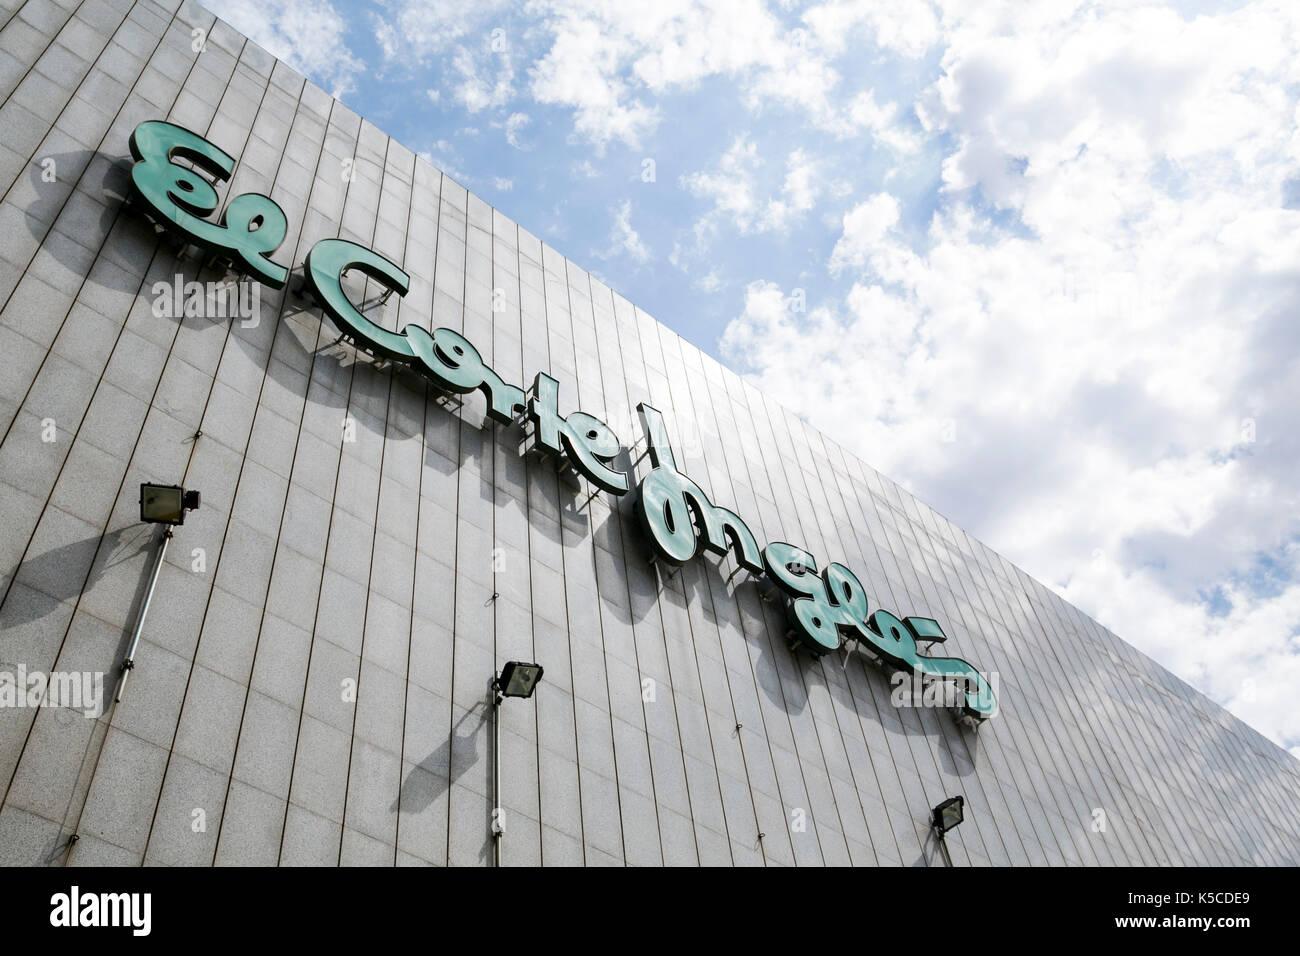 Ein logo Zeichen außerhalb des El Corte Inglés Shopping Center in Barcelona, Spanien am 24. August 2017. Stockbild